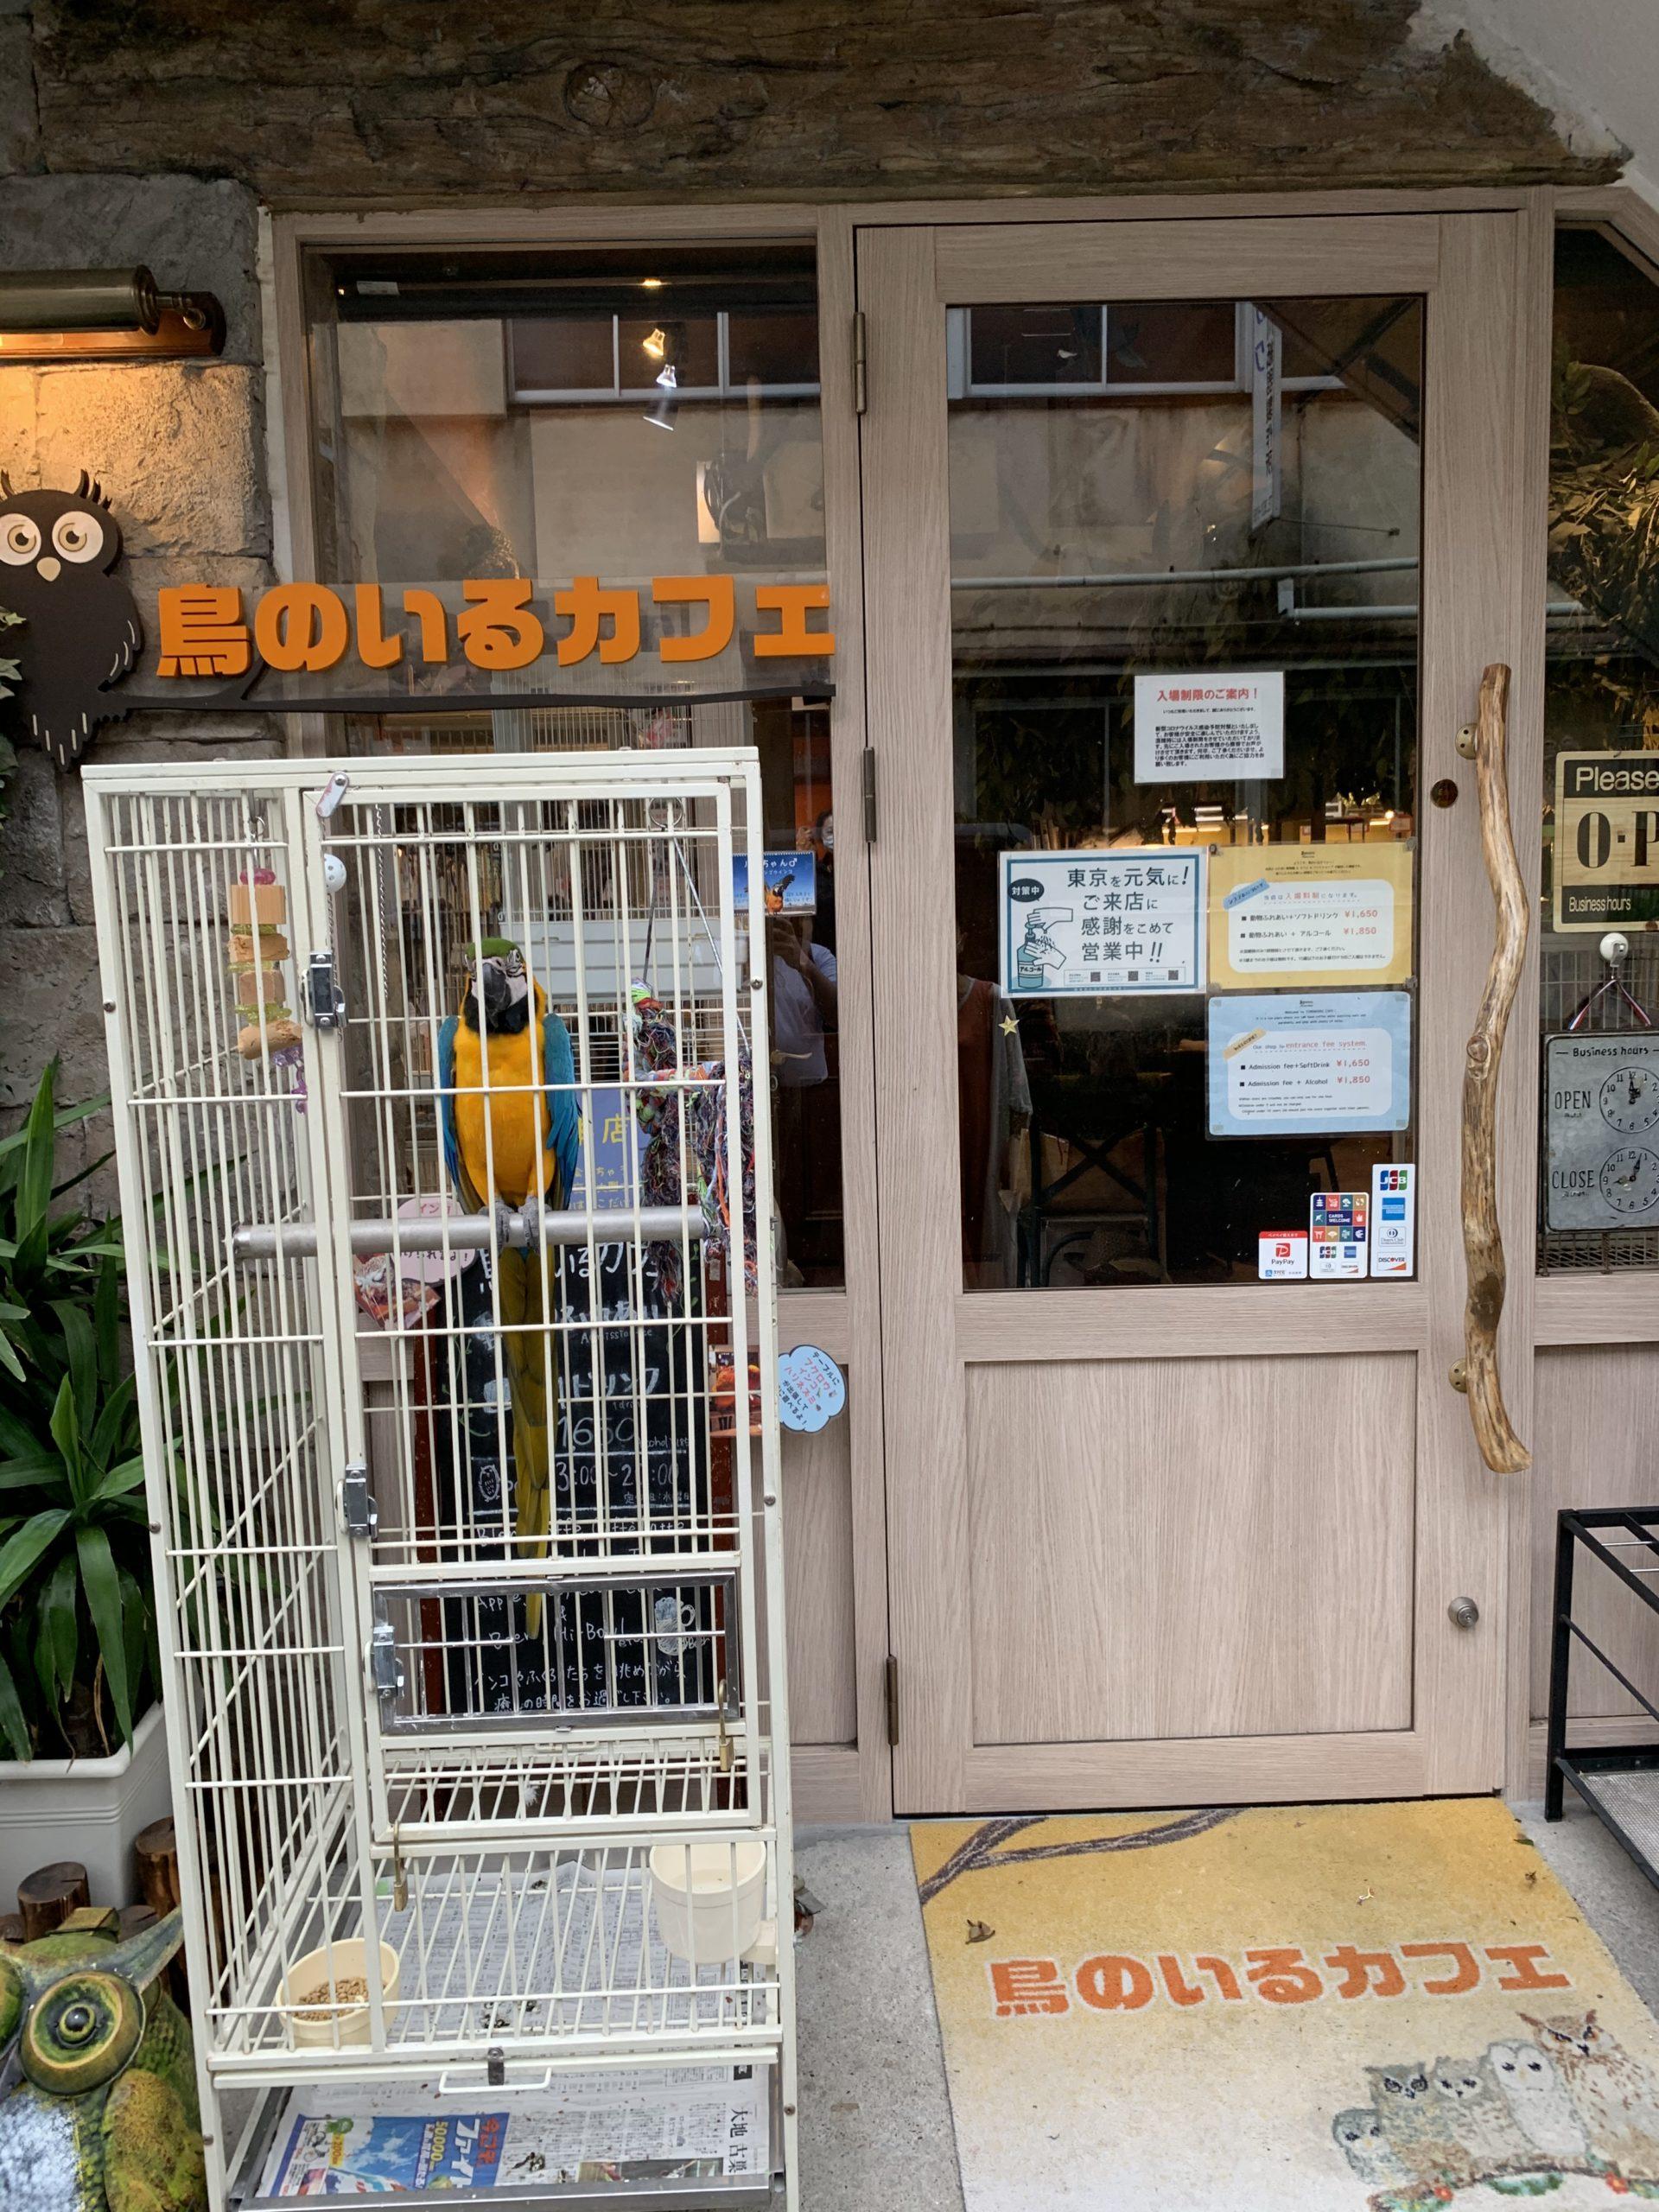 鳥のいるカフェ谷中本店に行ってきました!